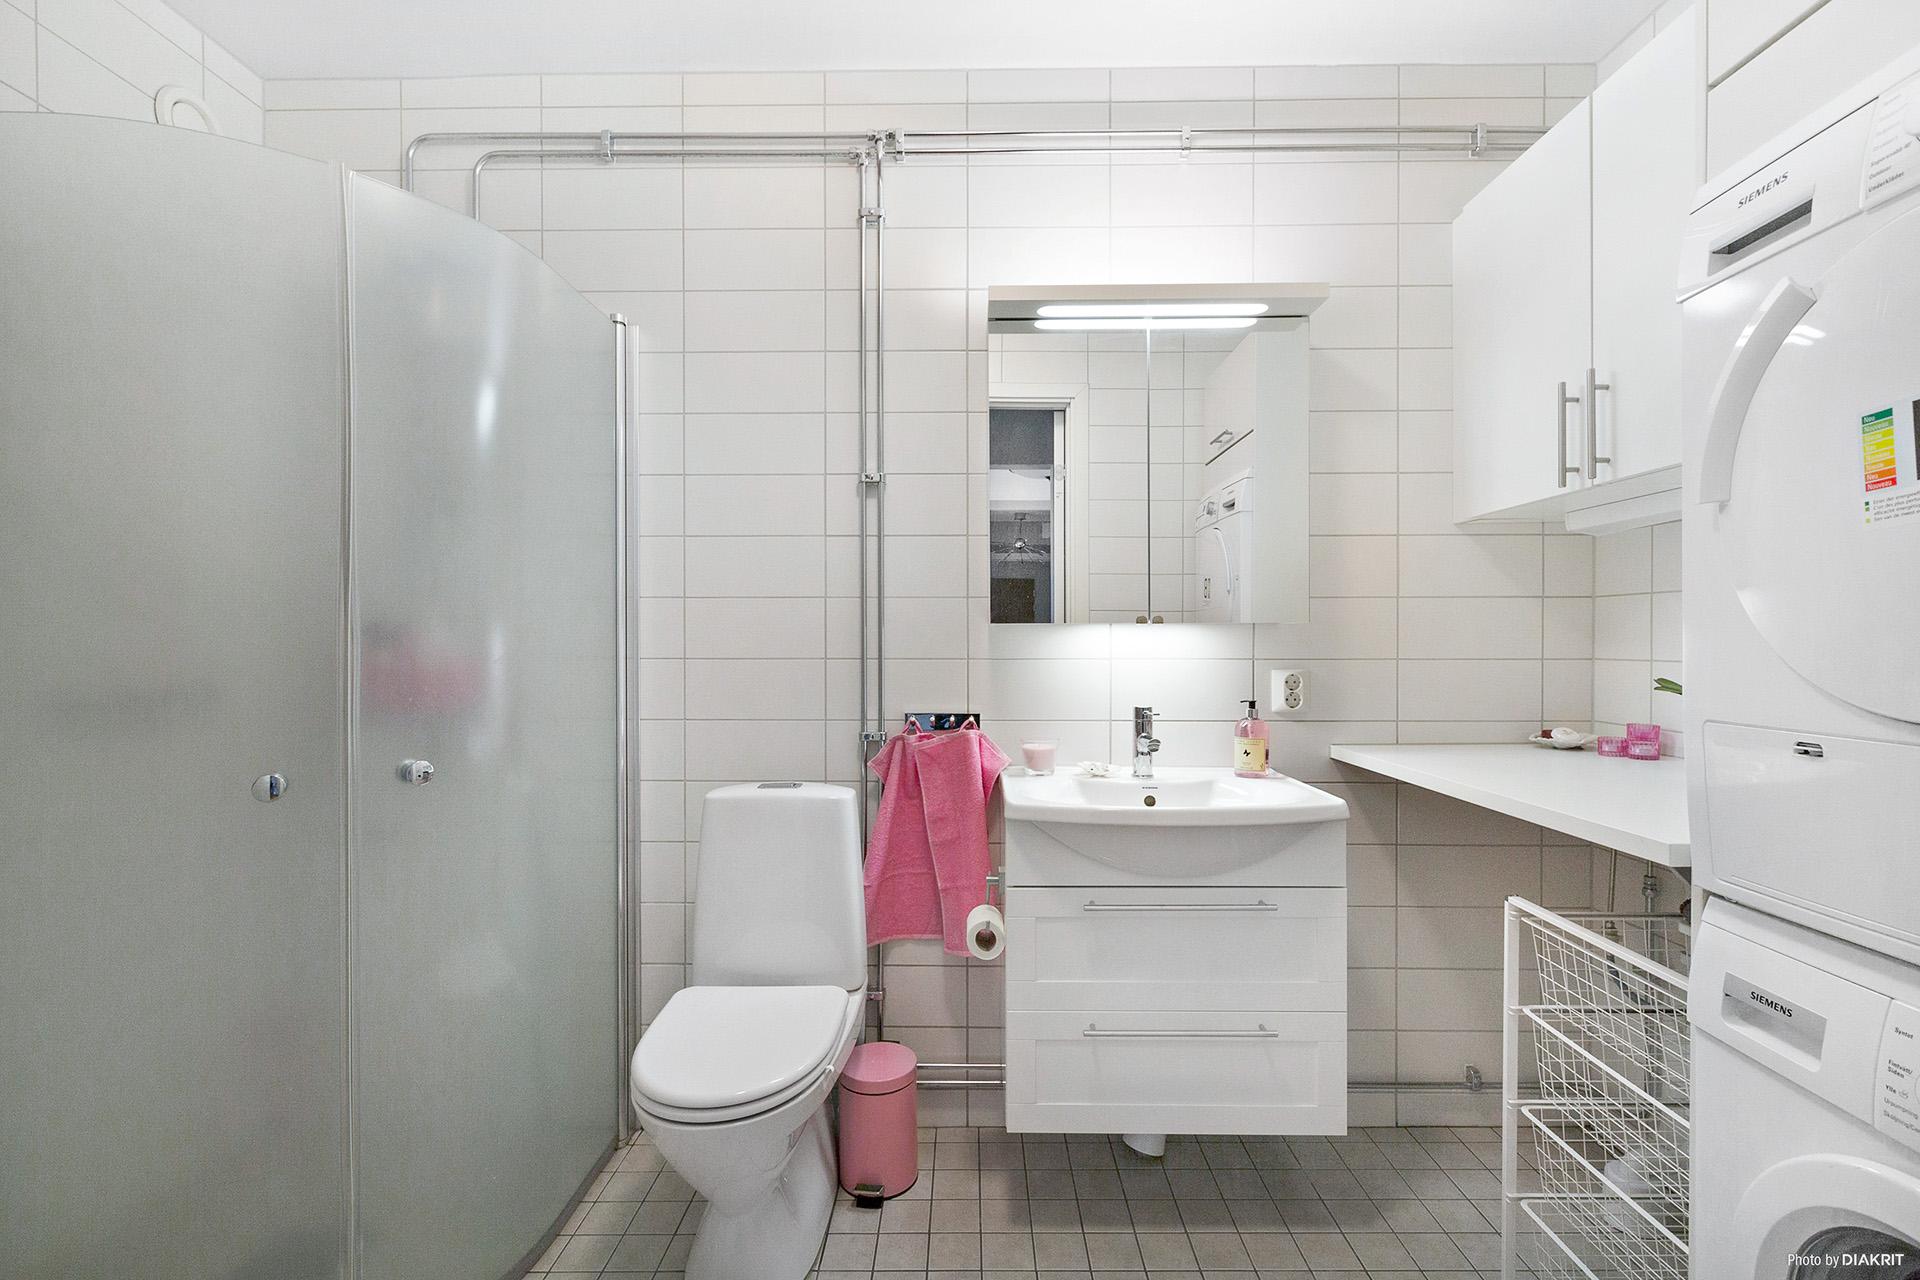 Duschrum/tvätt